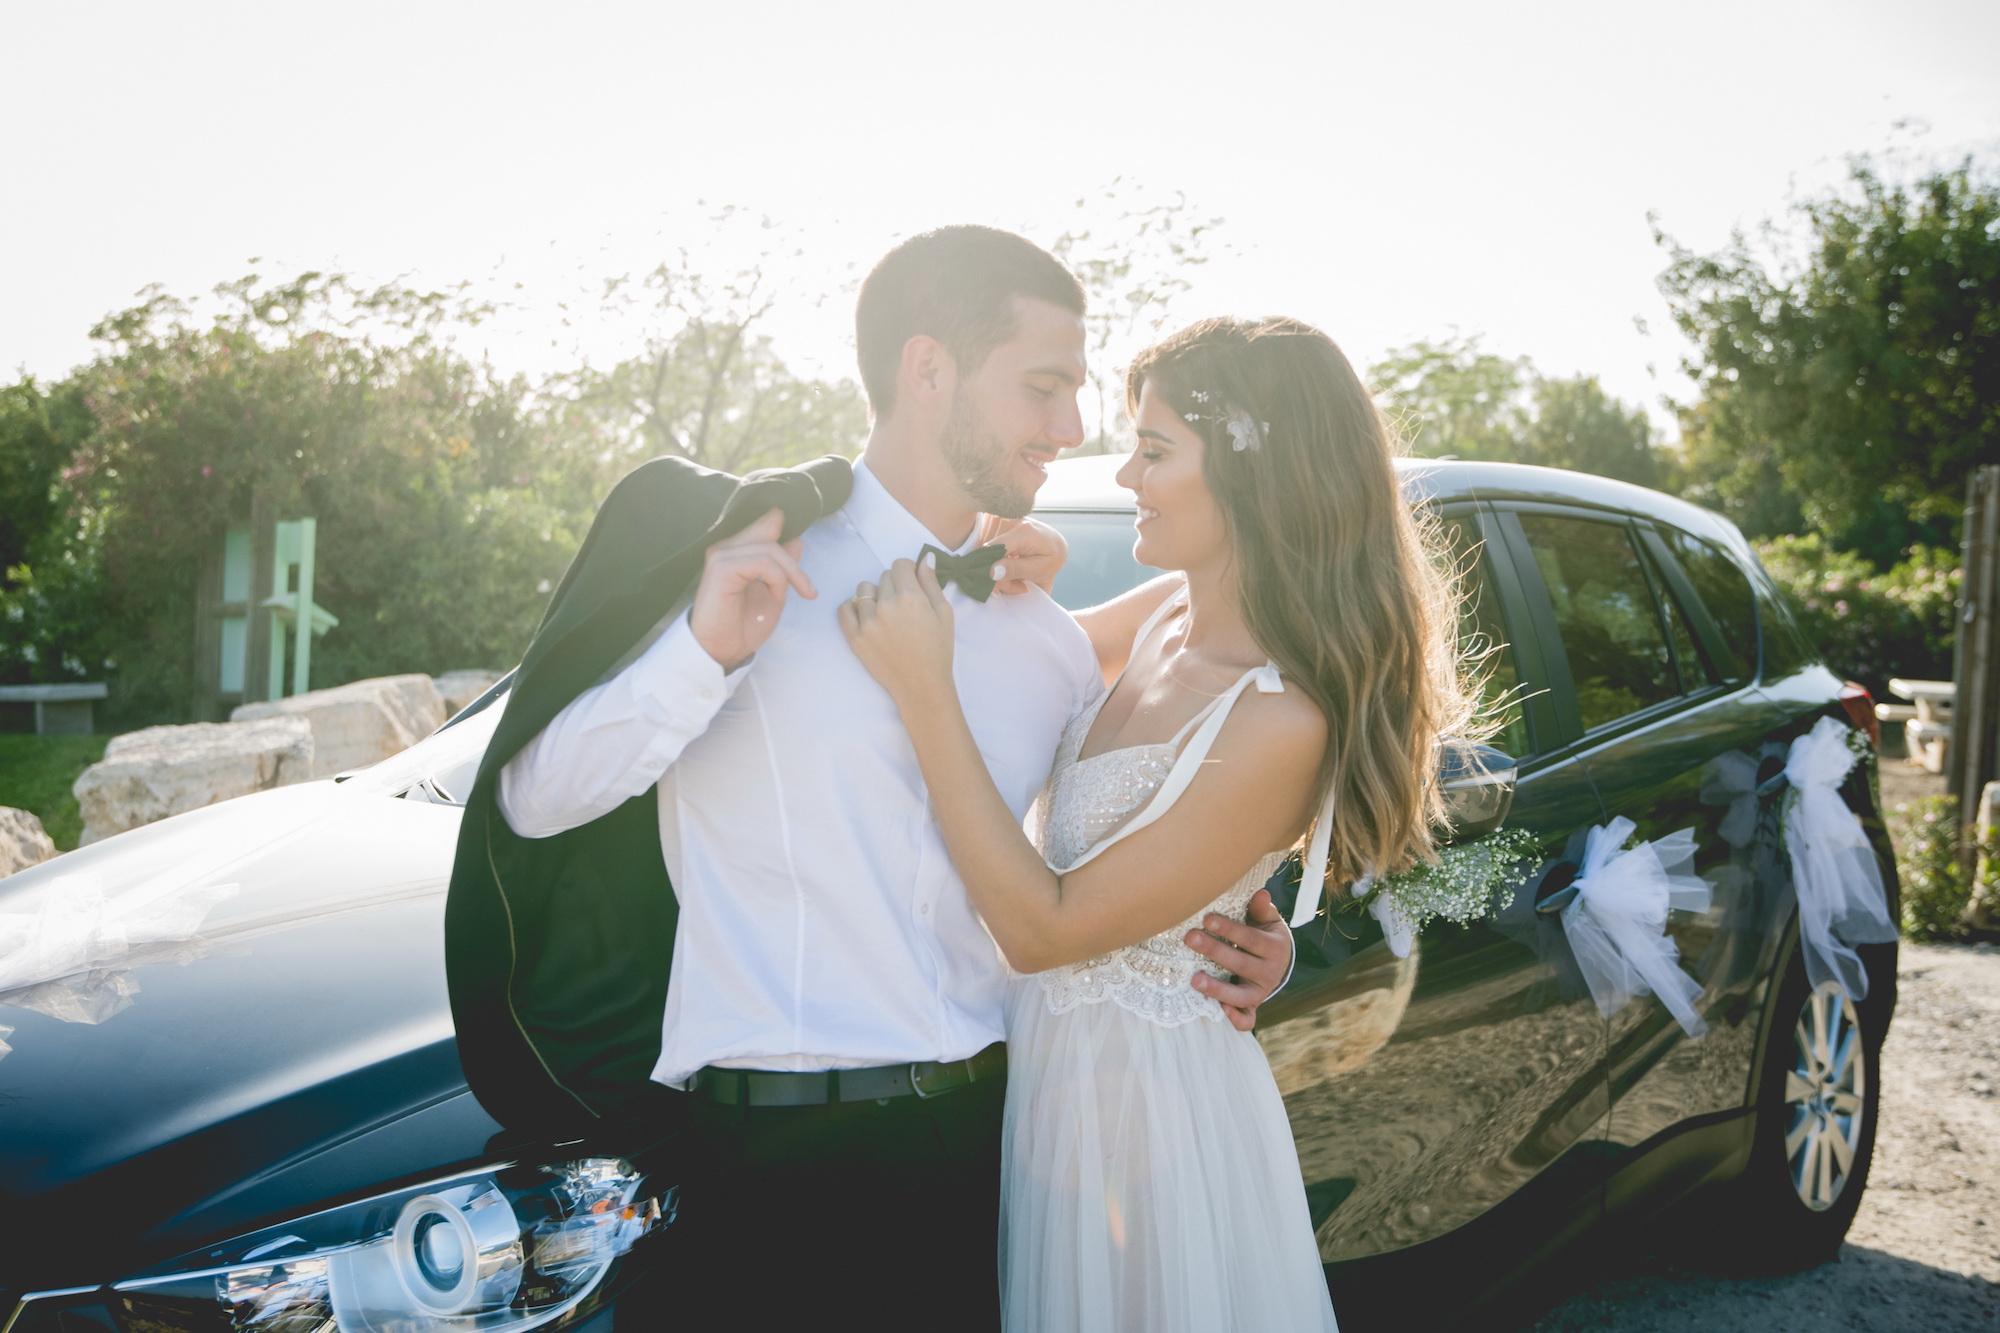 המרחק קטן עליהם: החתונה של אופיר ויניב בגן האירועים אלכסנדר